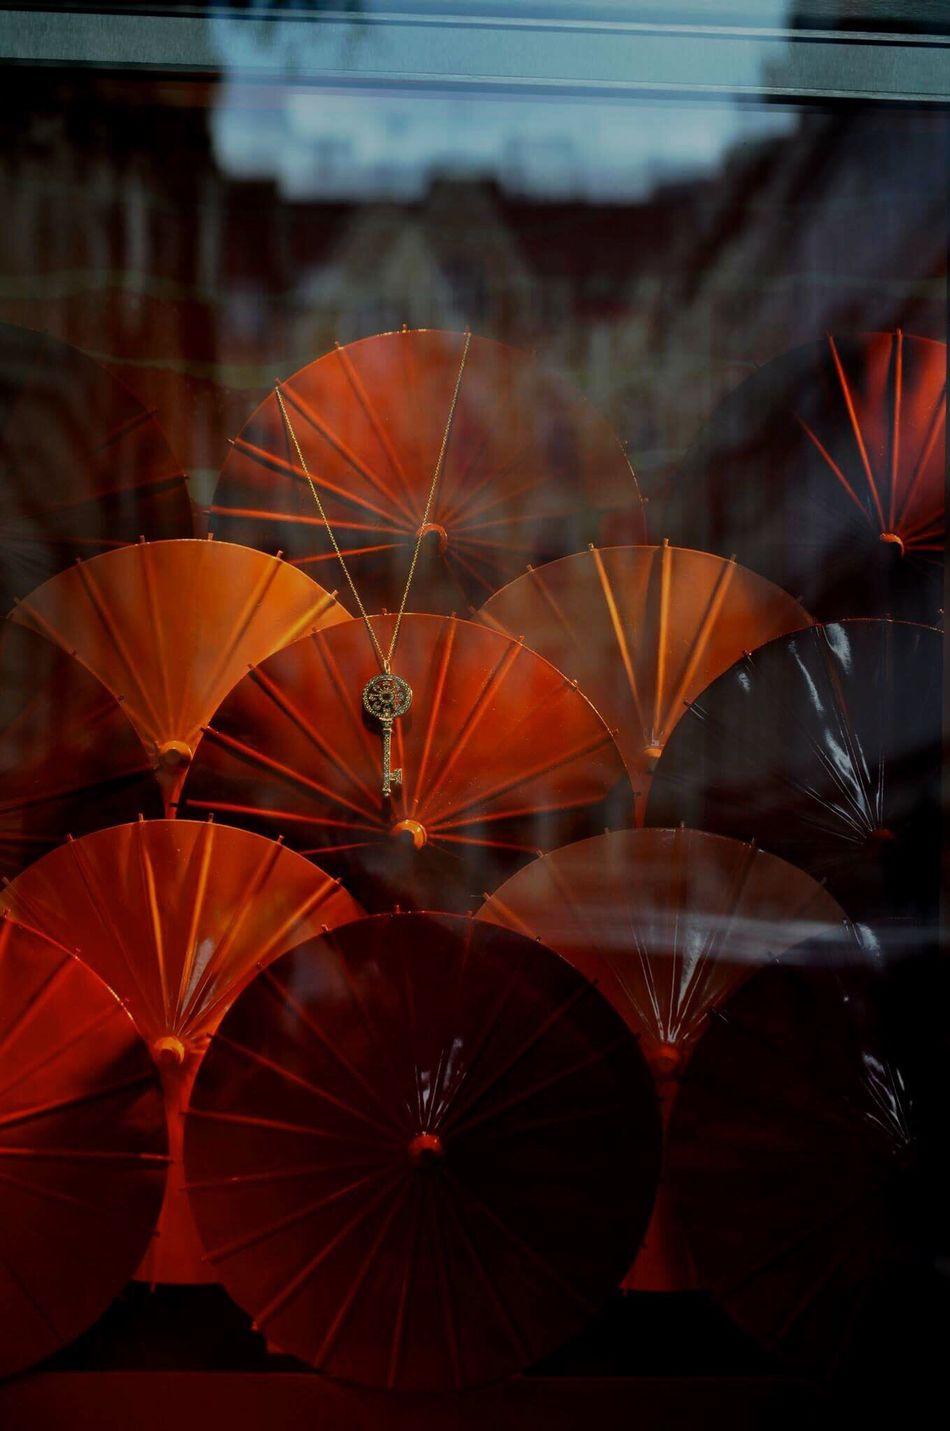 Golden key🔑 Gold Golden 43 Golden Moments Secret Key Jewelry Umbrella Umbrellas Redumbrella Scarlet Magic Reflections Building Building Exterior Prague